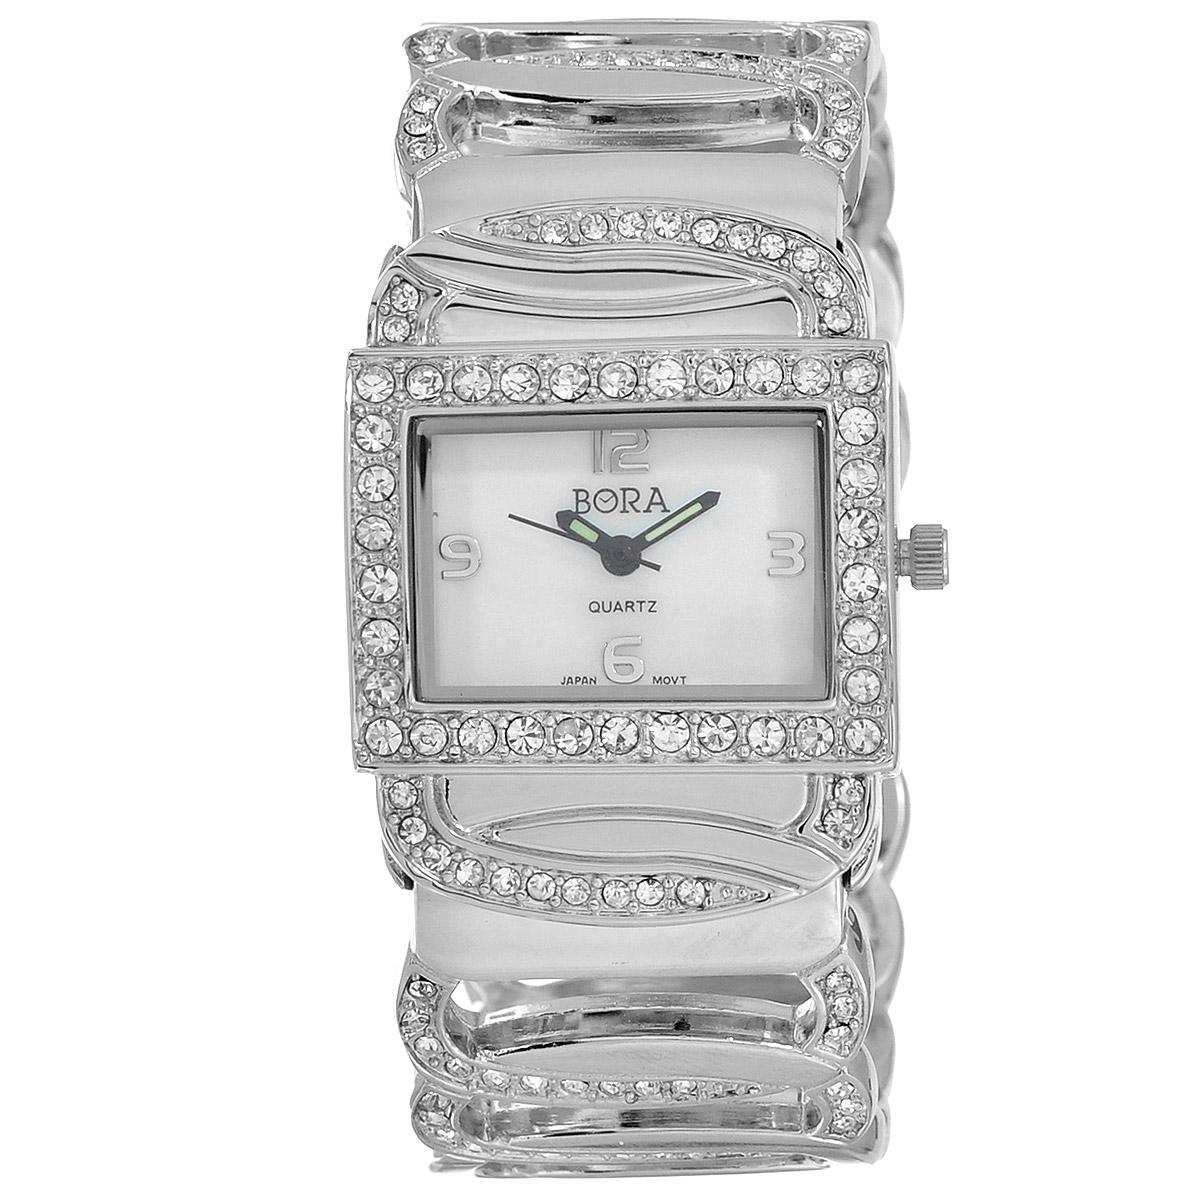 Часы наручные женские Bora, цвет: серебряный, белый. FWBG065 / T-B-3243-WATCH-SILVERFWBG065 / T-B-3243-WATCH-SILVERЧасы торговой марки Bora отличает изысканный стиль и превосходное качество изготовления. Японский механизм Seiko отличает невероятная точность. С ними вы точно не пропустите ничего интересного. Корпус часов выполнен из легированного металлического сплава и украшен стразами. Браслет в форме звеньев цепи, украшенный стразами, изготовлен из двух цельных металлических частей, крепящихся на руке при помощи пружин. Практичная и незаменимая вещь в сумасшедшем ритме современной жизни. Стильный и элегантный аксессуар идеально дополнит ваш повседневный образ. Характеристики: Размеры корпуса: 3 х 2,5 х 0,6 см. Не водостойкие. Диаметр браслета: 6,5 см.